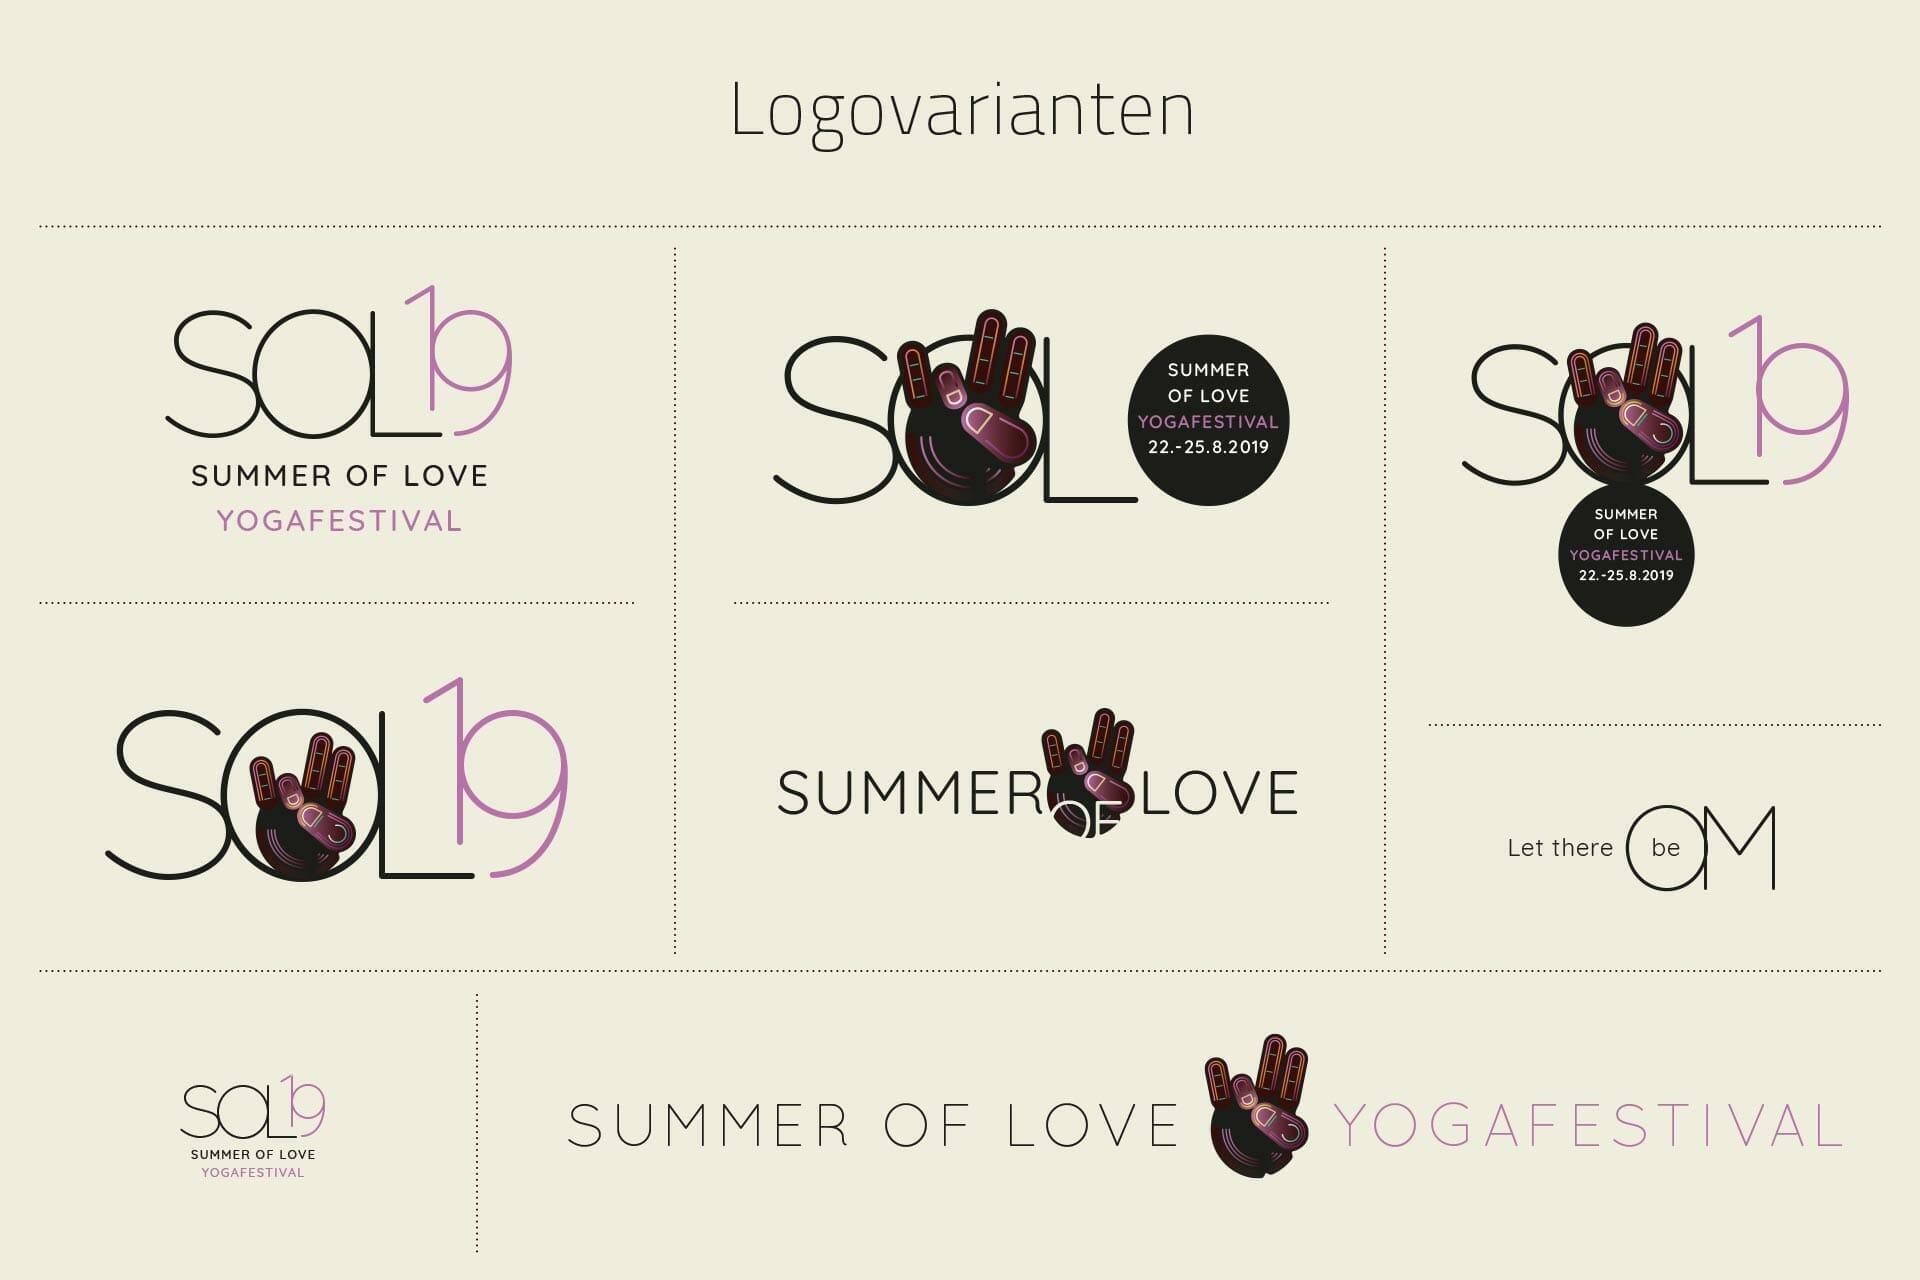 SOL19 Logovarianten